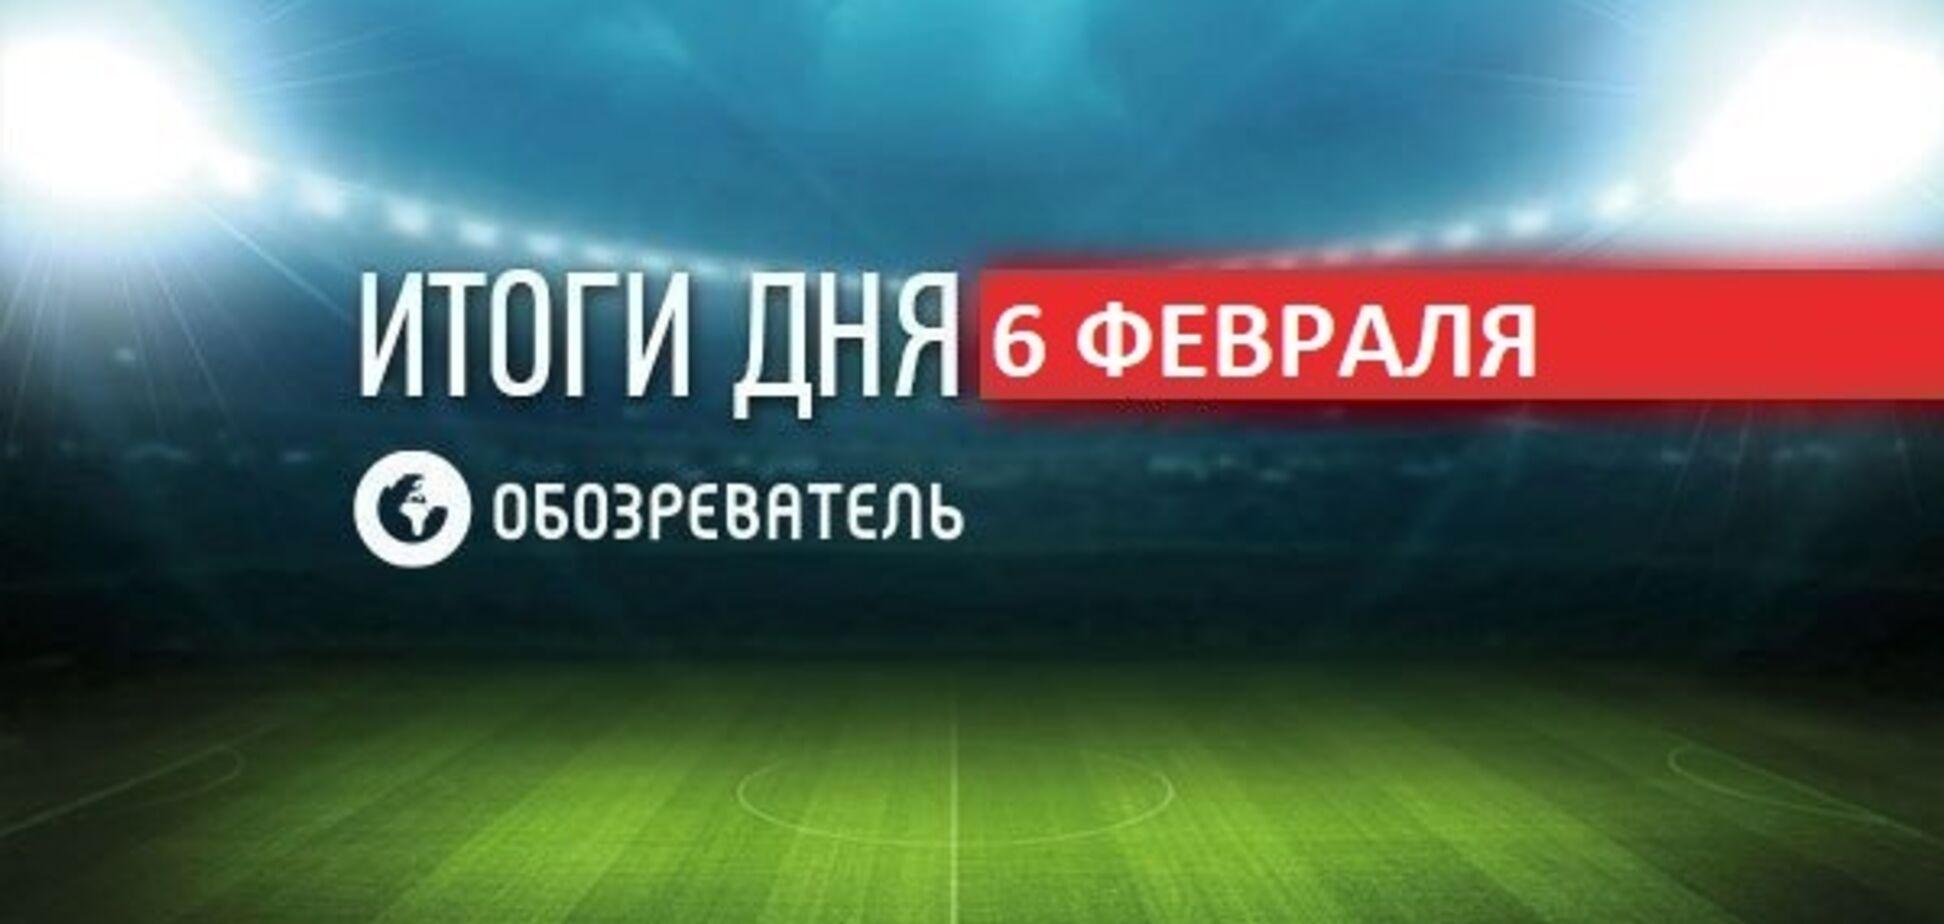 Усик разгневал украинцев: спортивные итоги 6 февраля